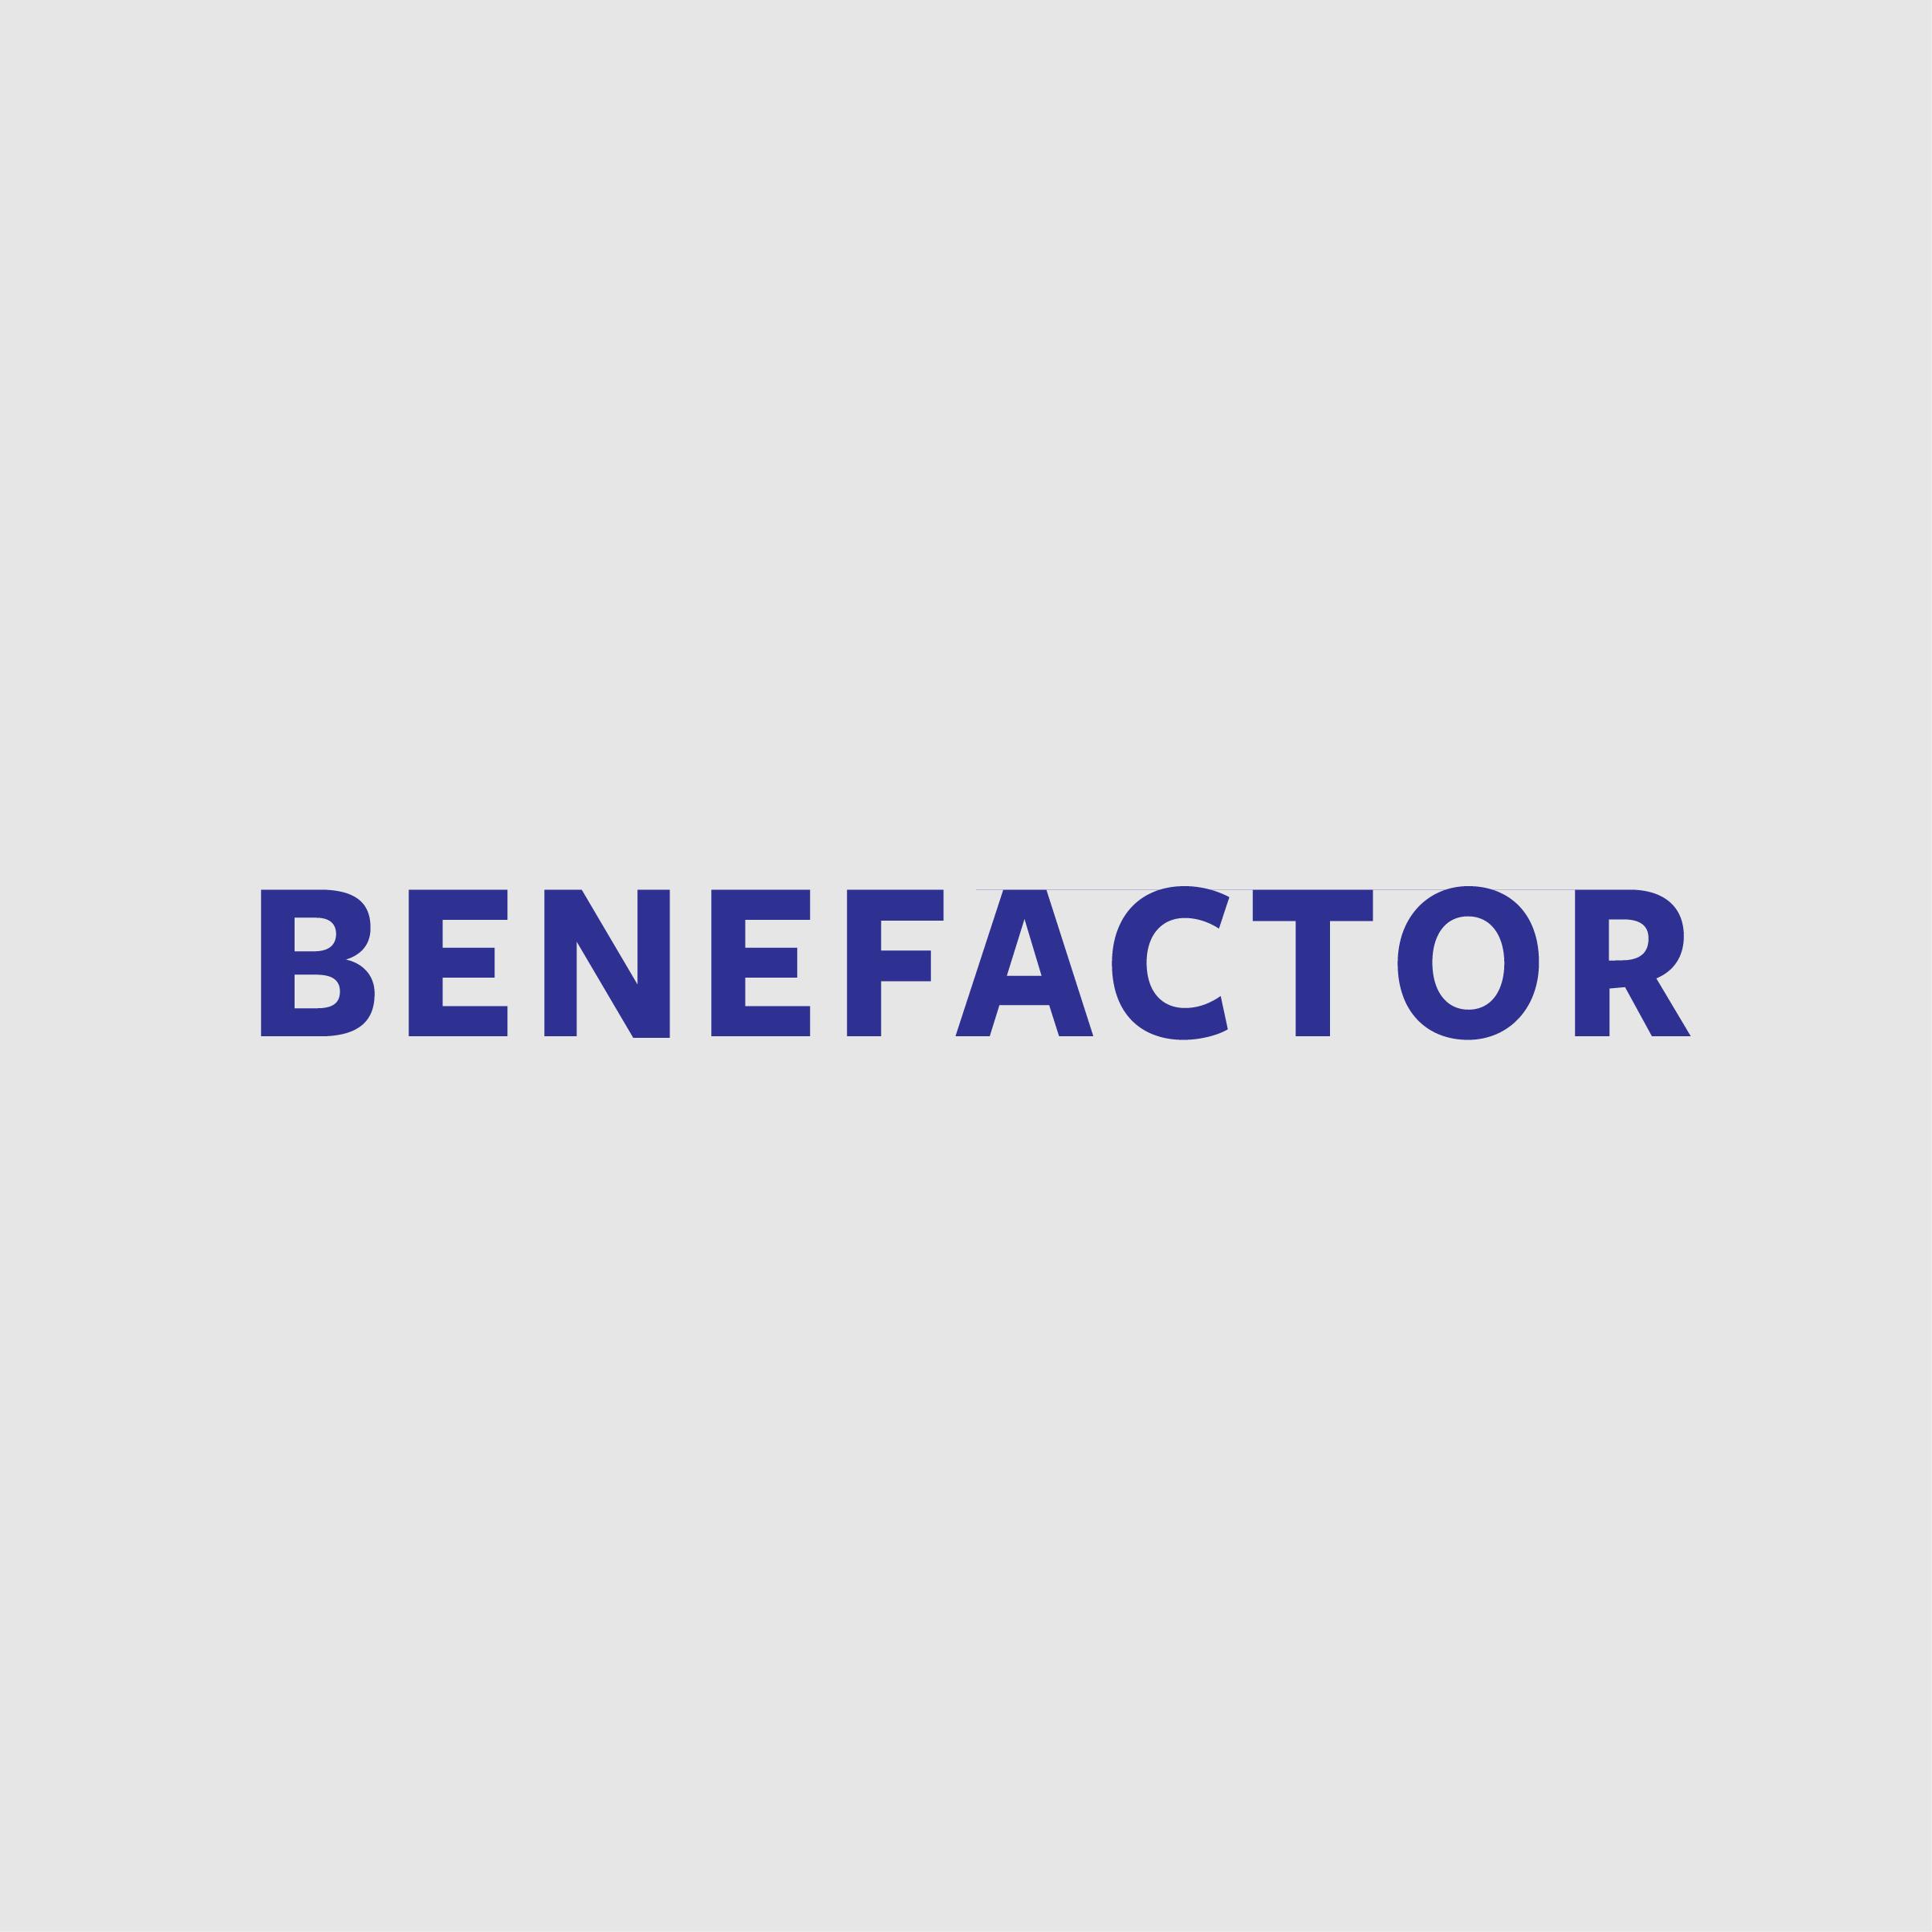 benefactor.png